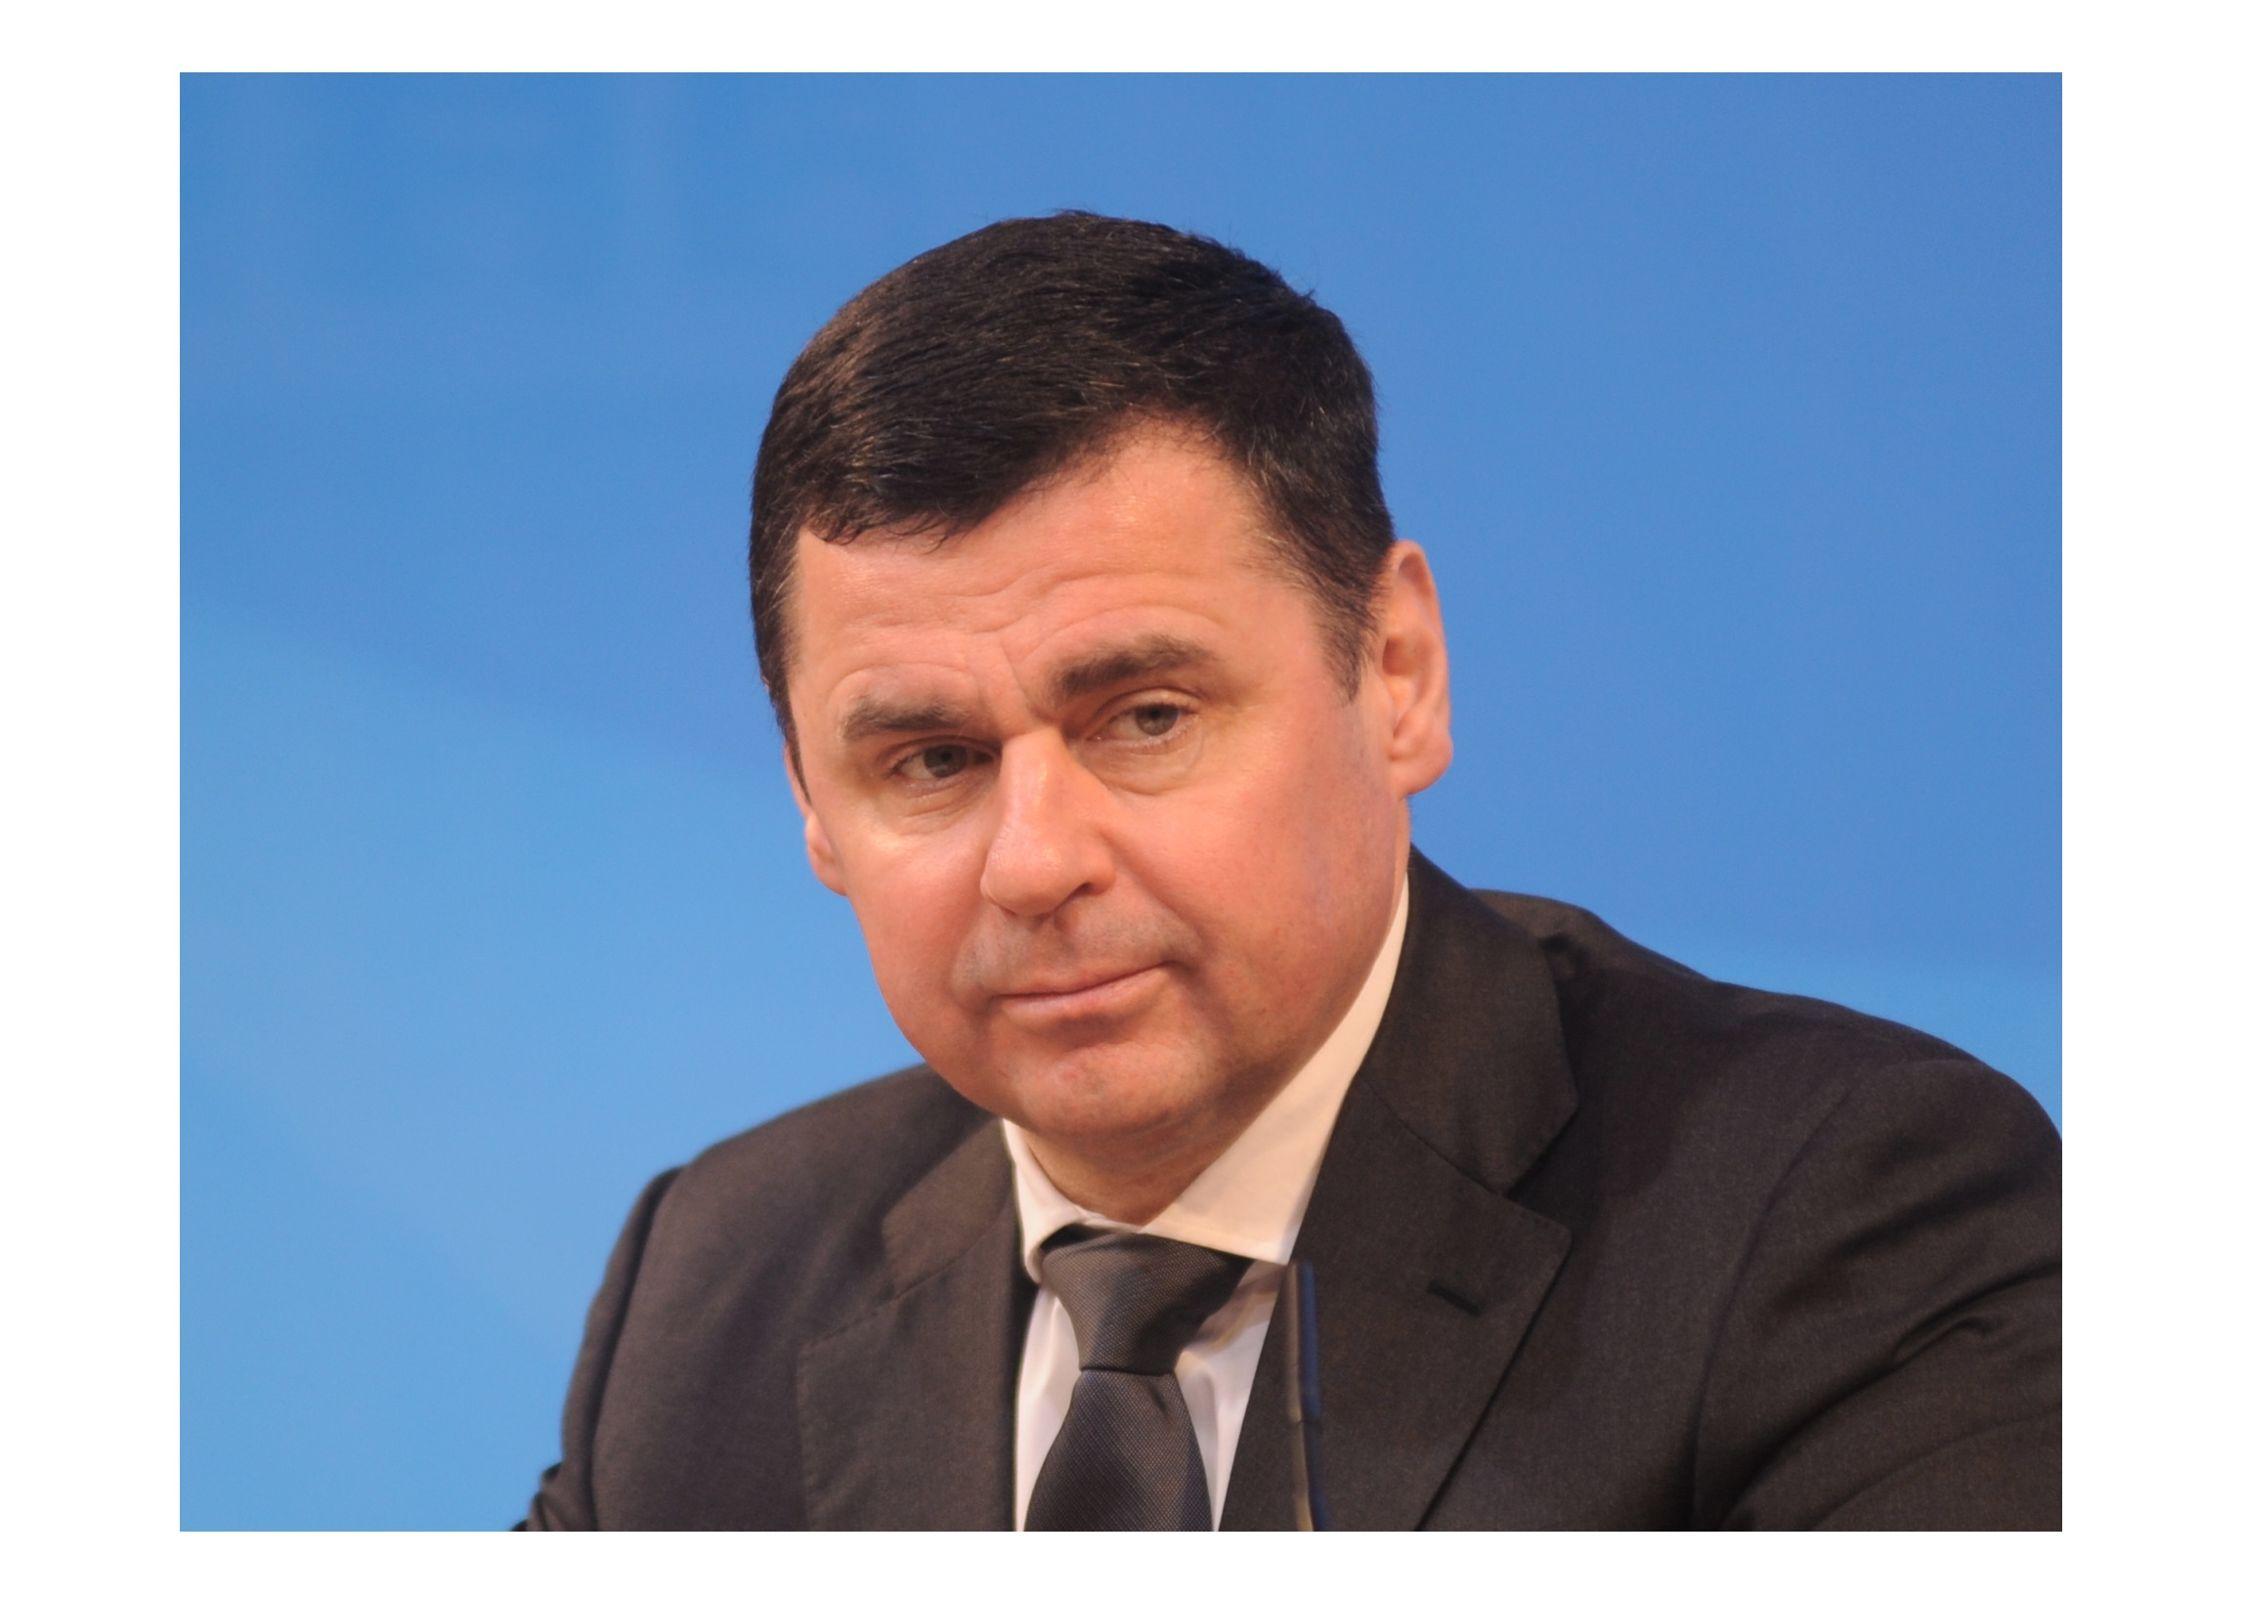 Дмитрий Миронов поднялся на шесть пунктов в февральском рейтинге влияния глав субъектов РФ